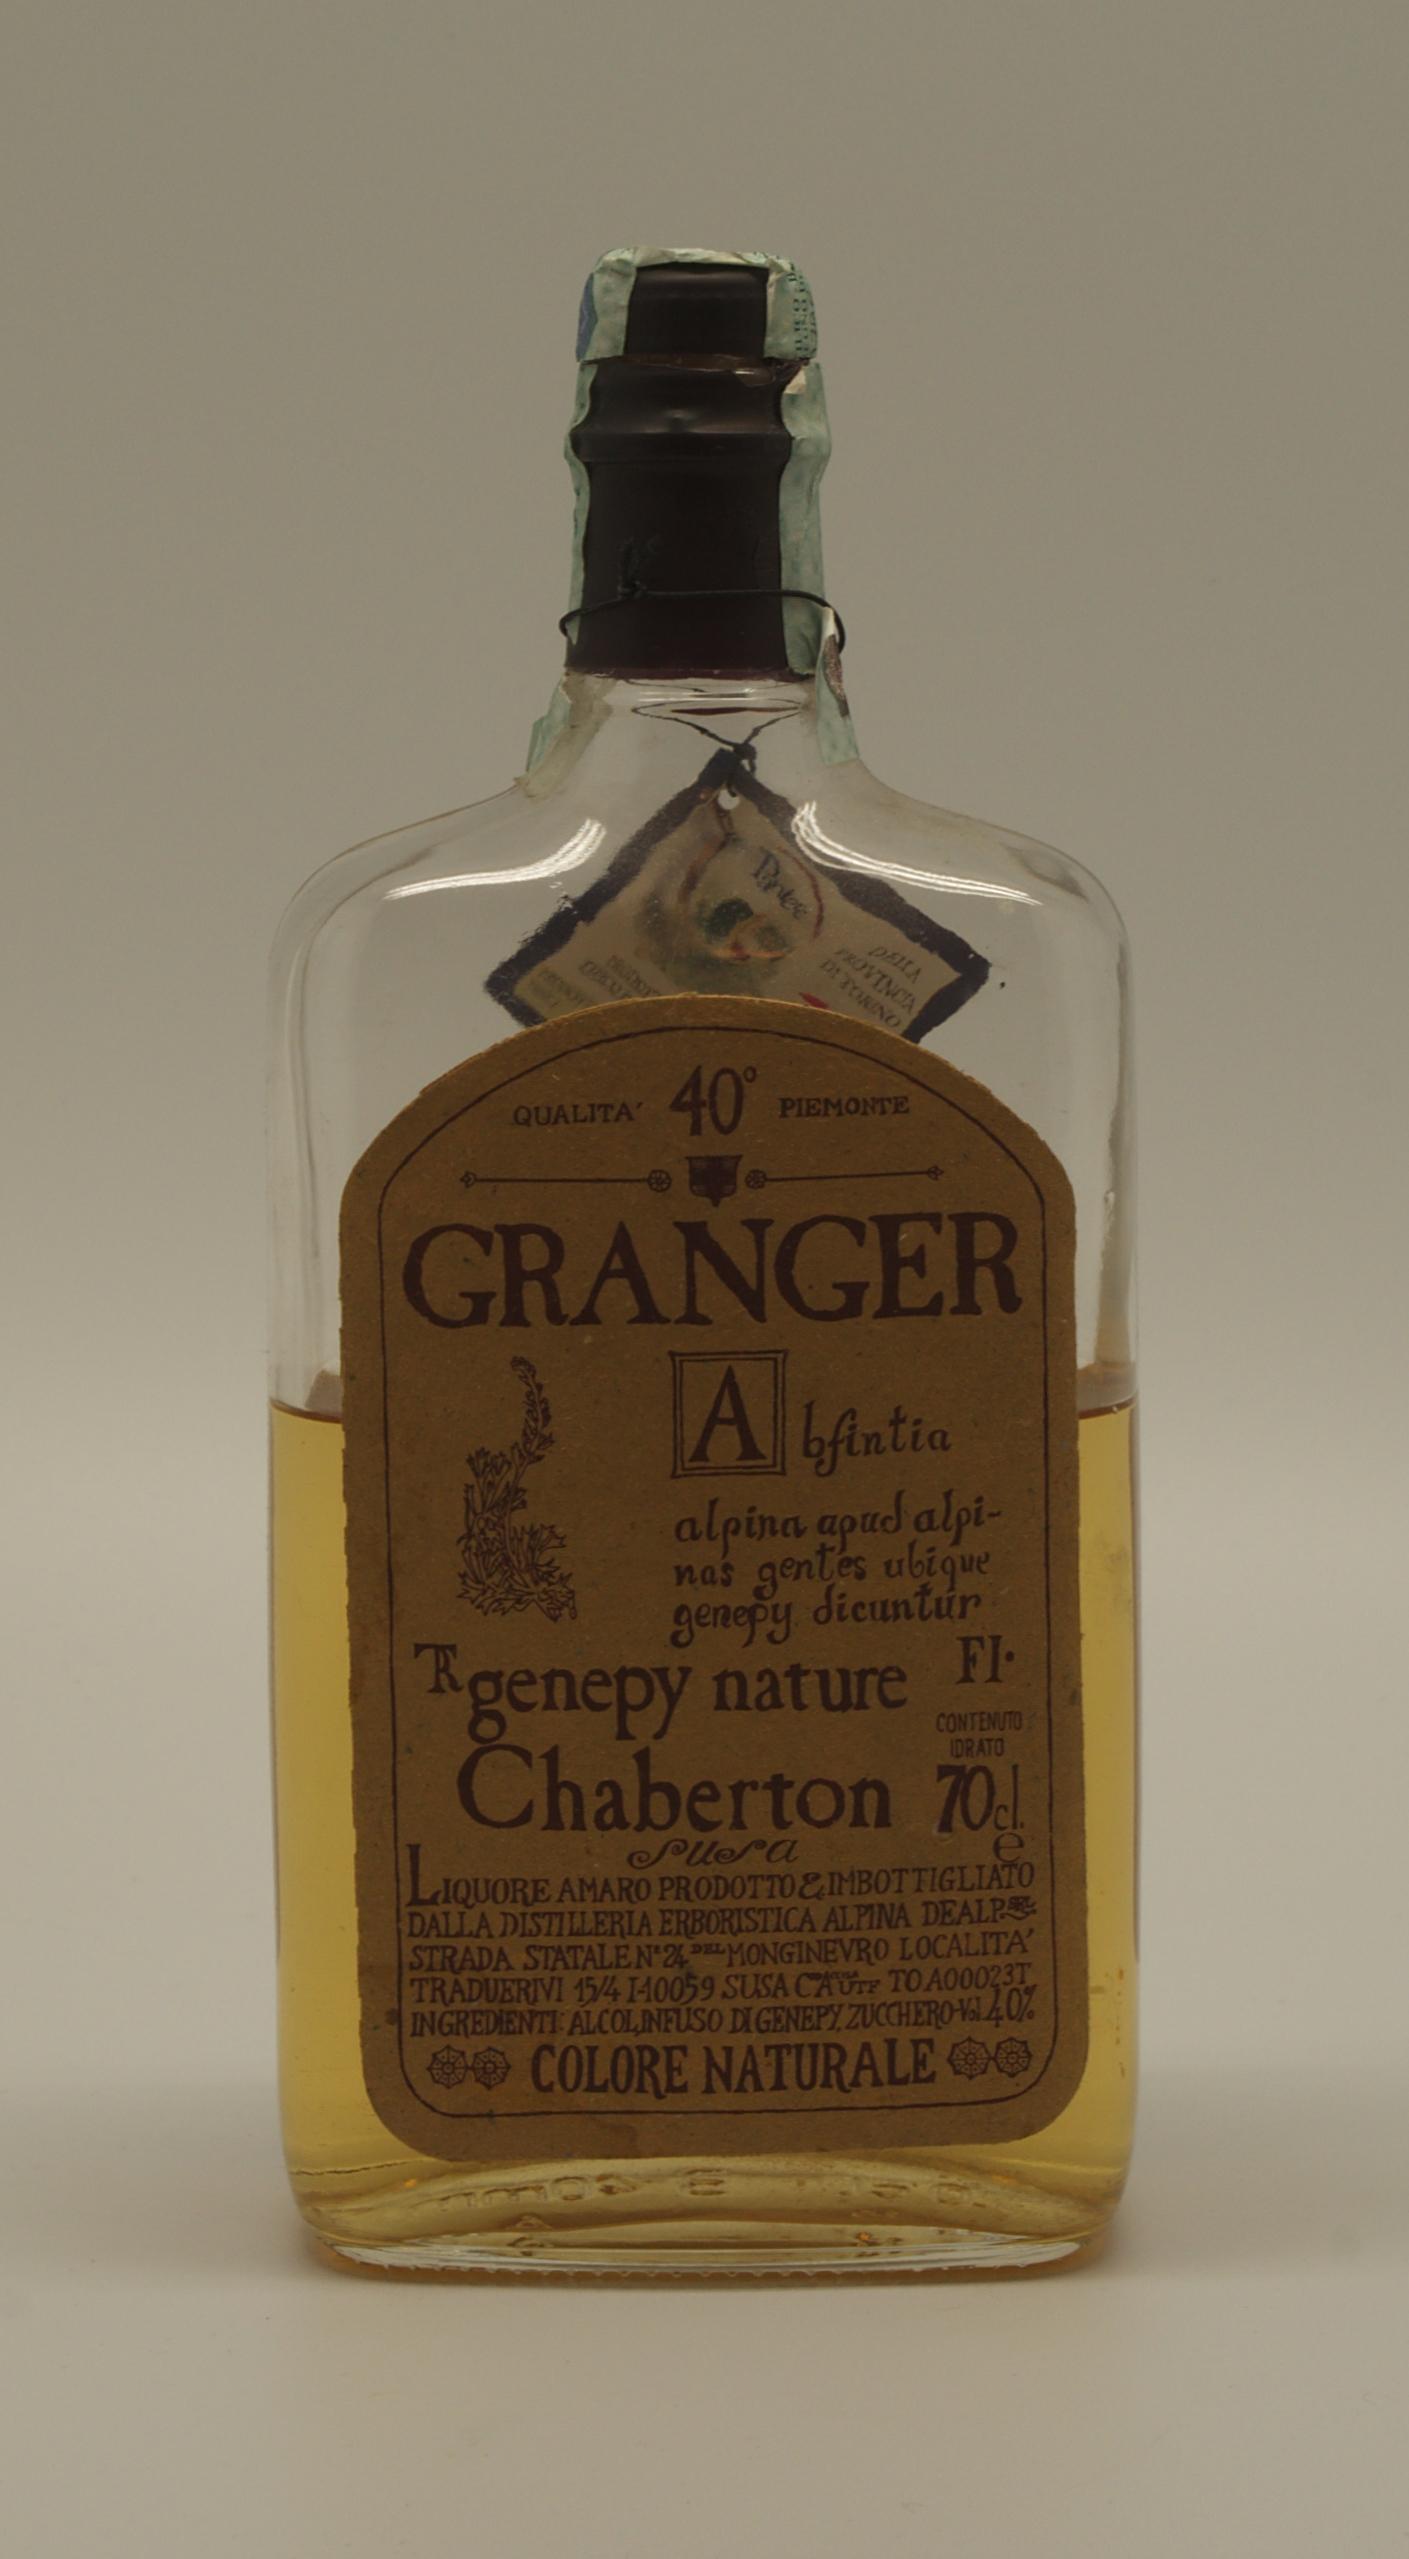 Genep liquore  Wikipedia